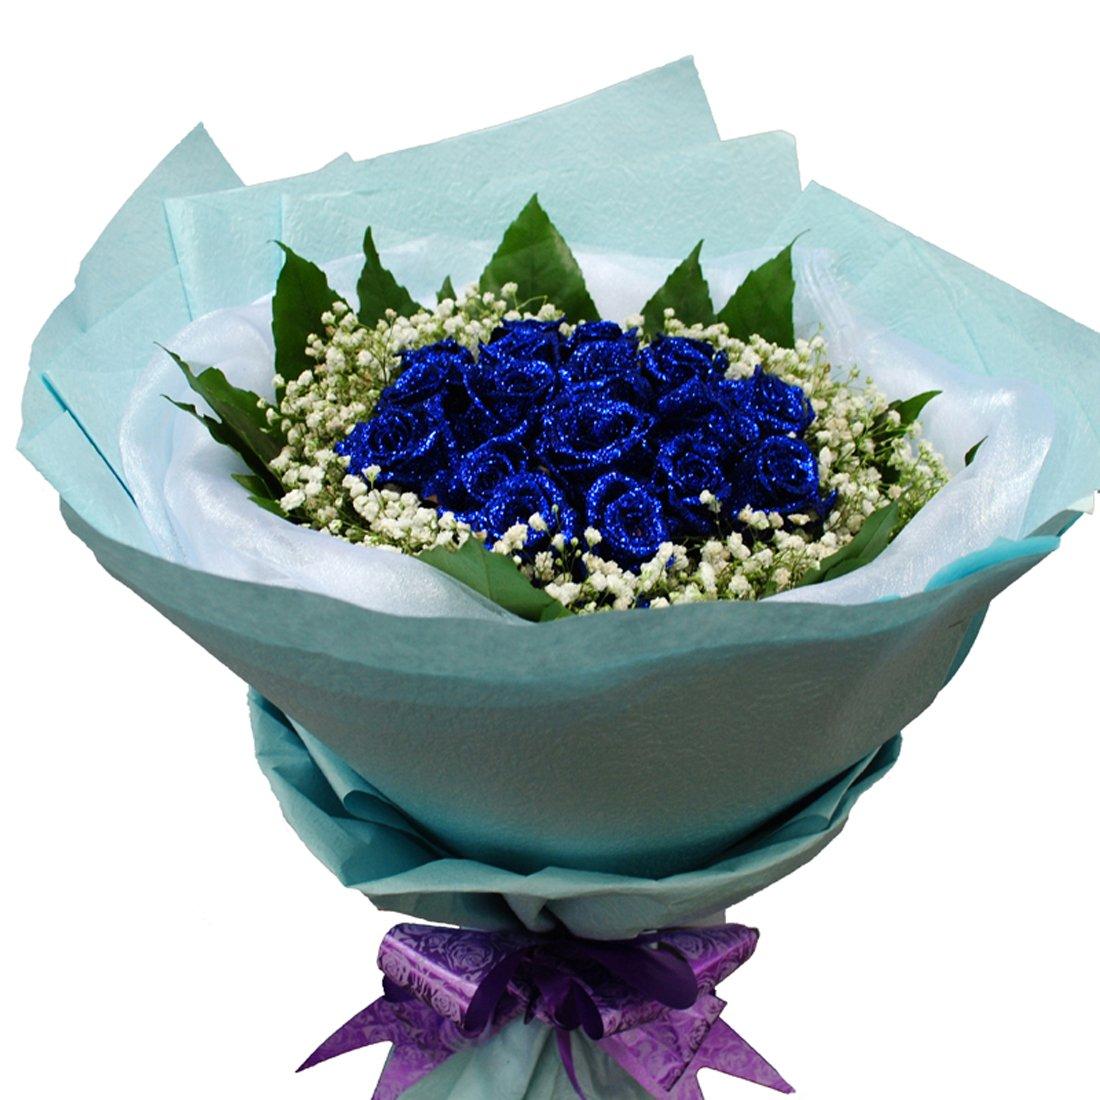 花柚 全国鲜花速递 19朵蓝玫瑰蓝色妖姬情人节送花礼品恋人鲜花祝福